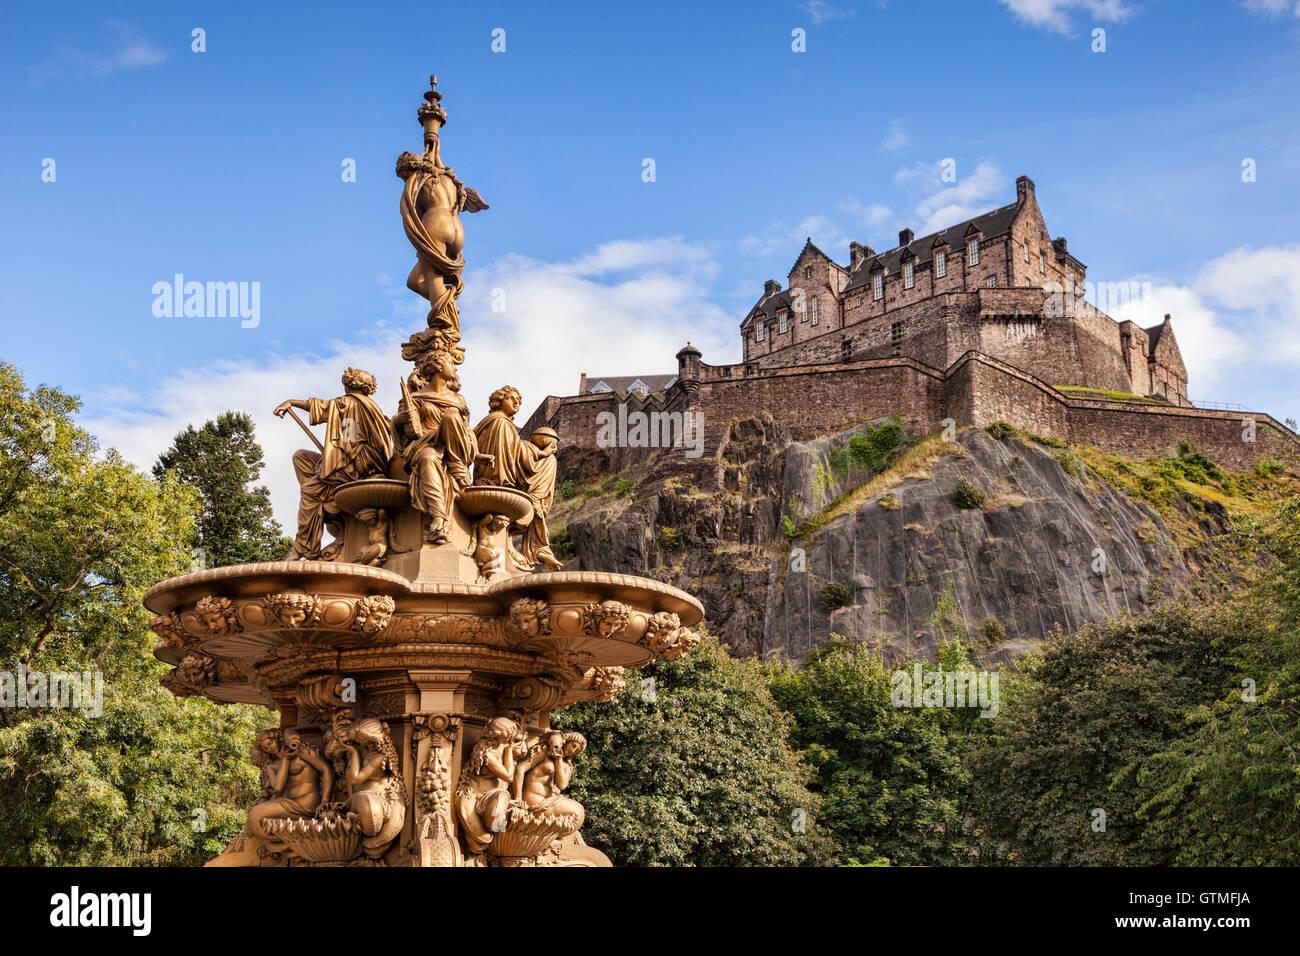 Der Ross-Brunnen in Princes Street Gardens und Edinburgh Castle, Schottland, Großbritannien. Stockbild